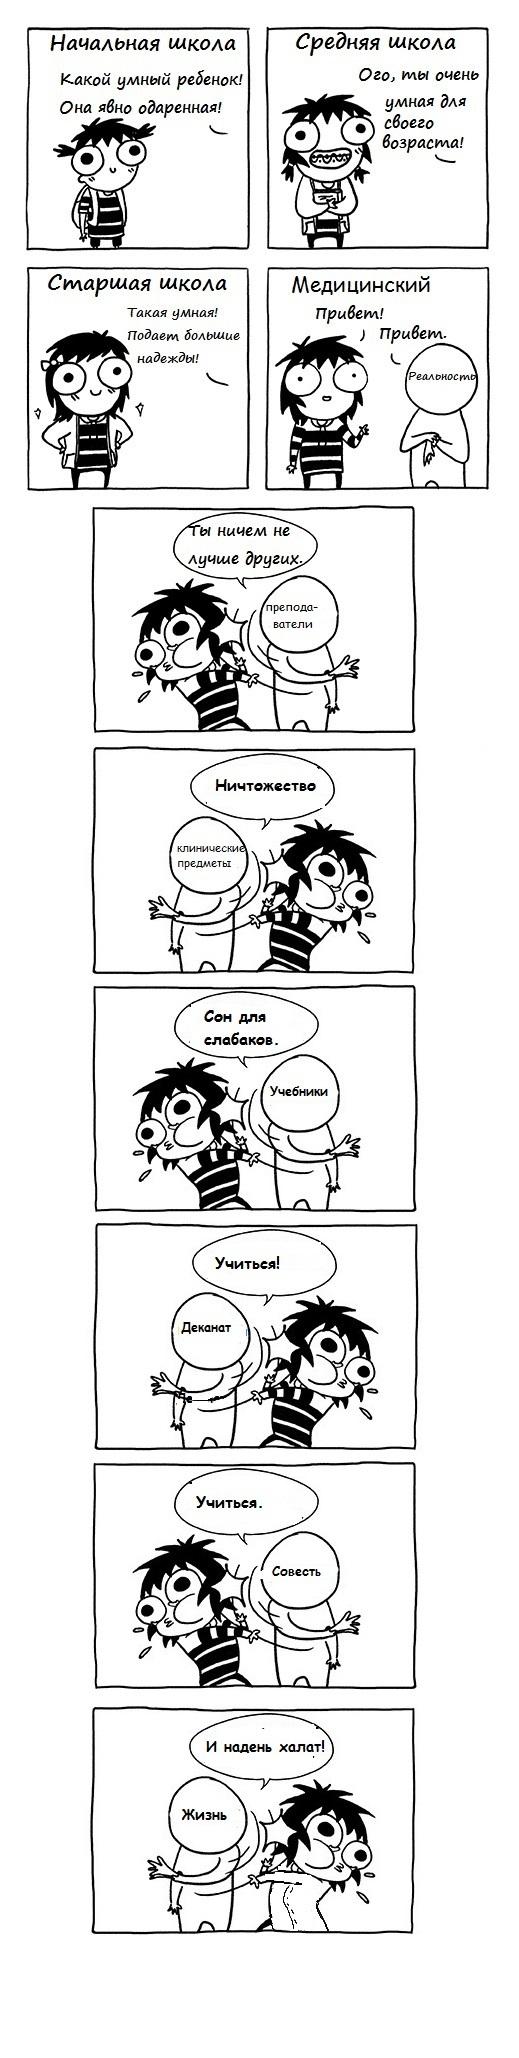 мед_комикс